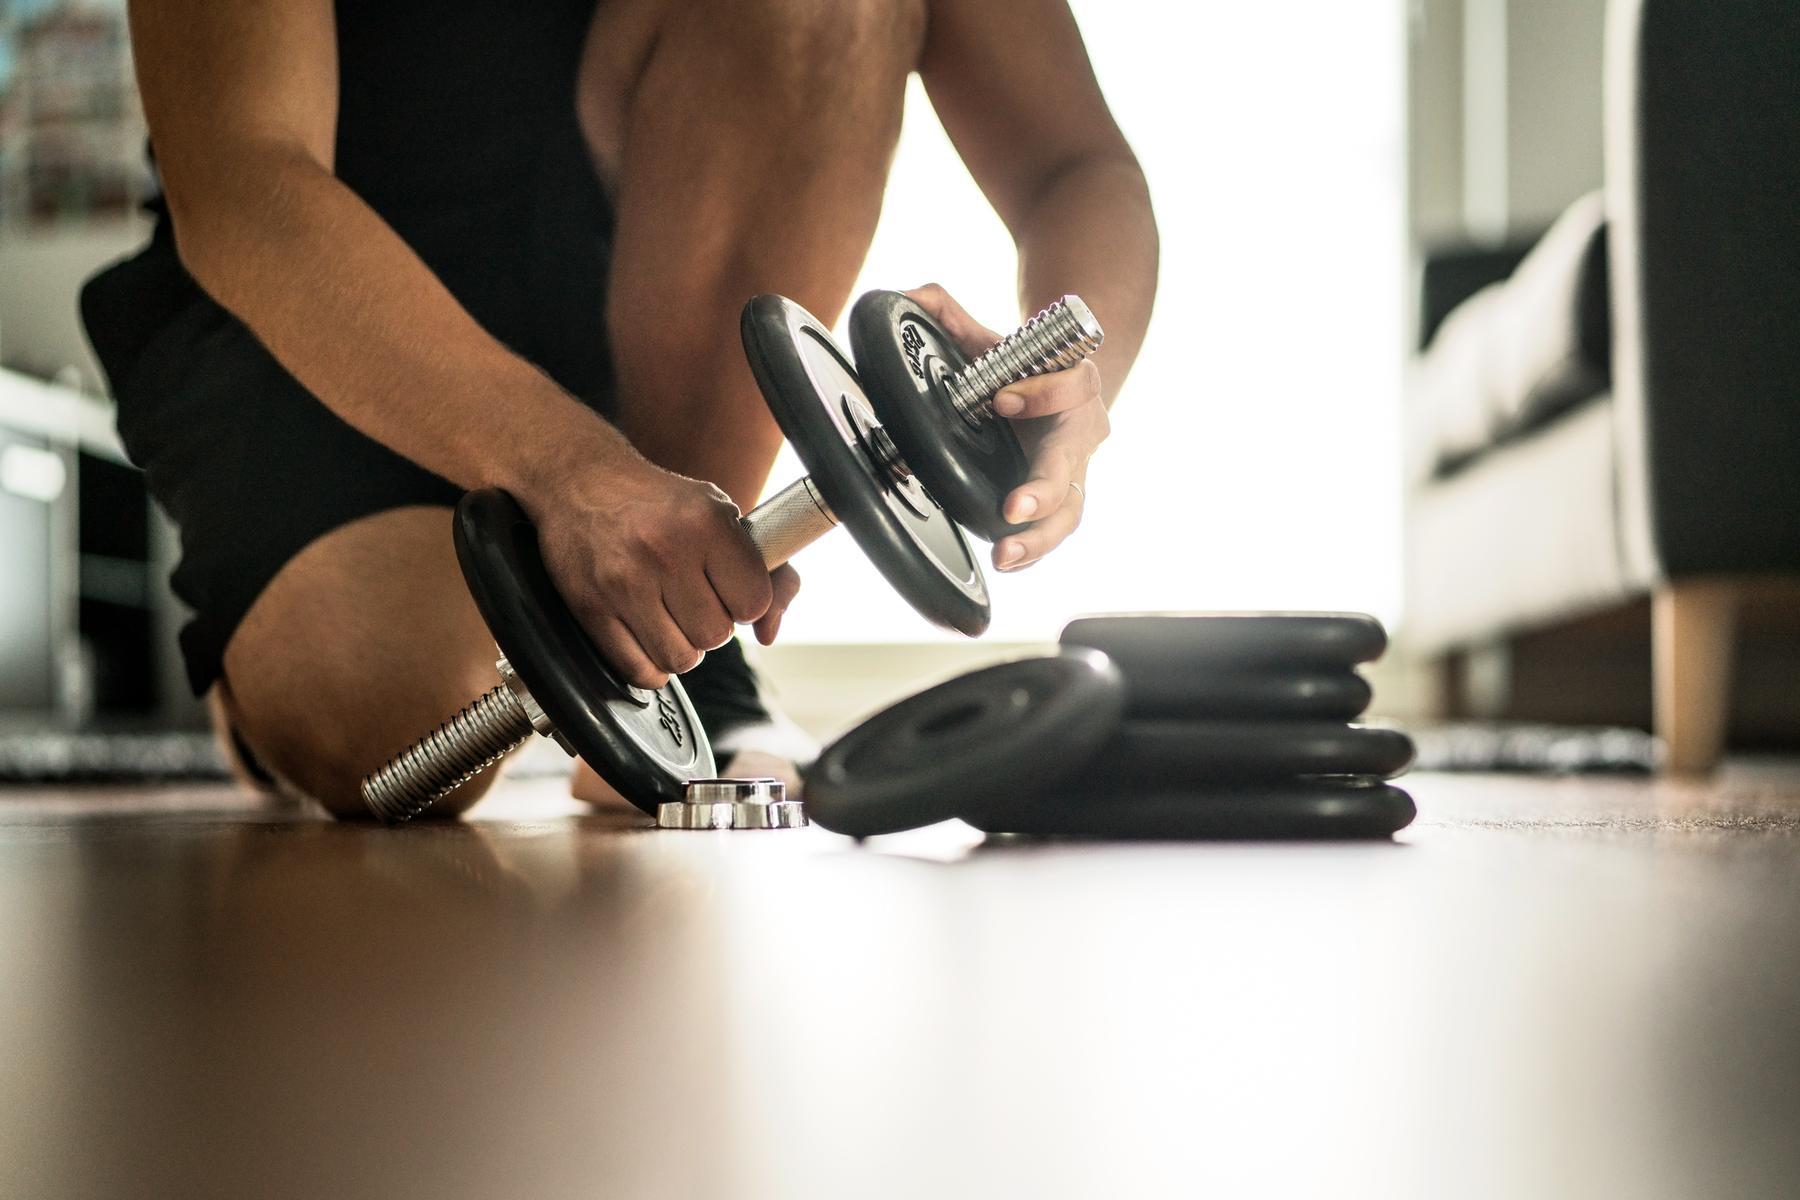 Komme wieder in Form mit diesen 30-Tage Fitness Challenges